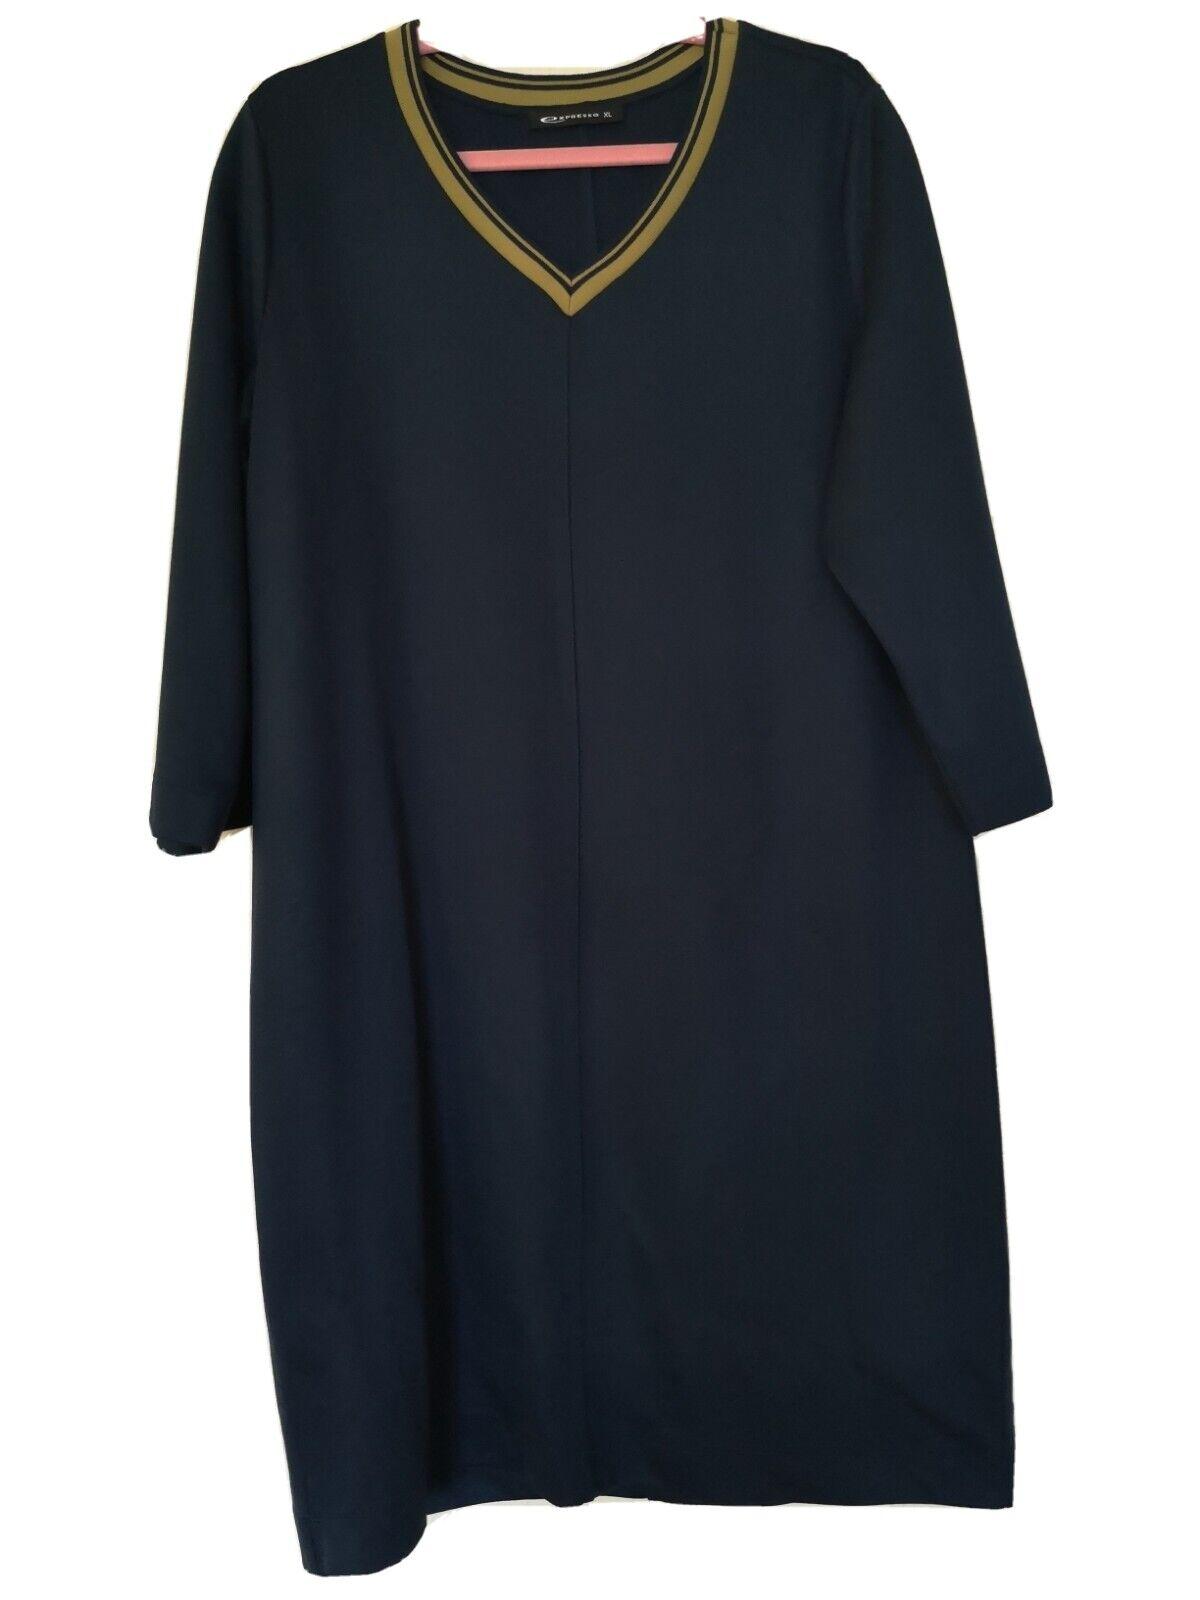 EXPRESSO Kleid Damen Dress Damenkleid Gr. XL Viskose Gemisch blau